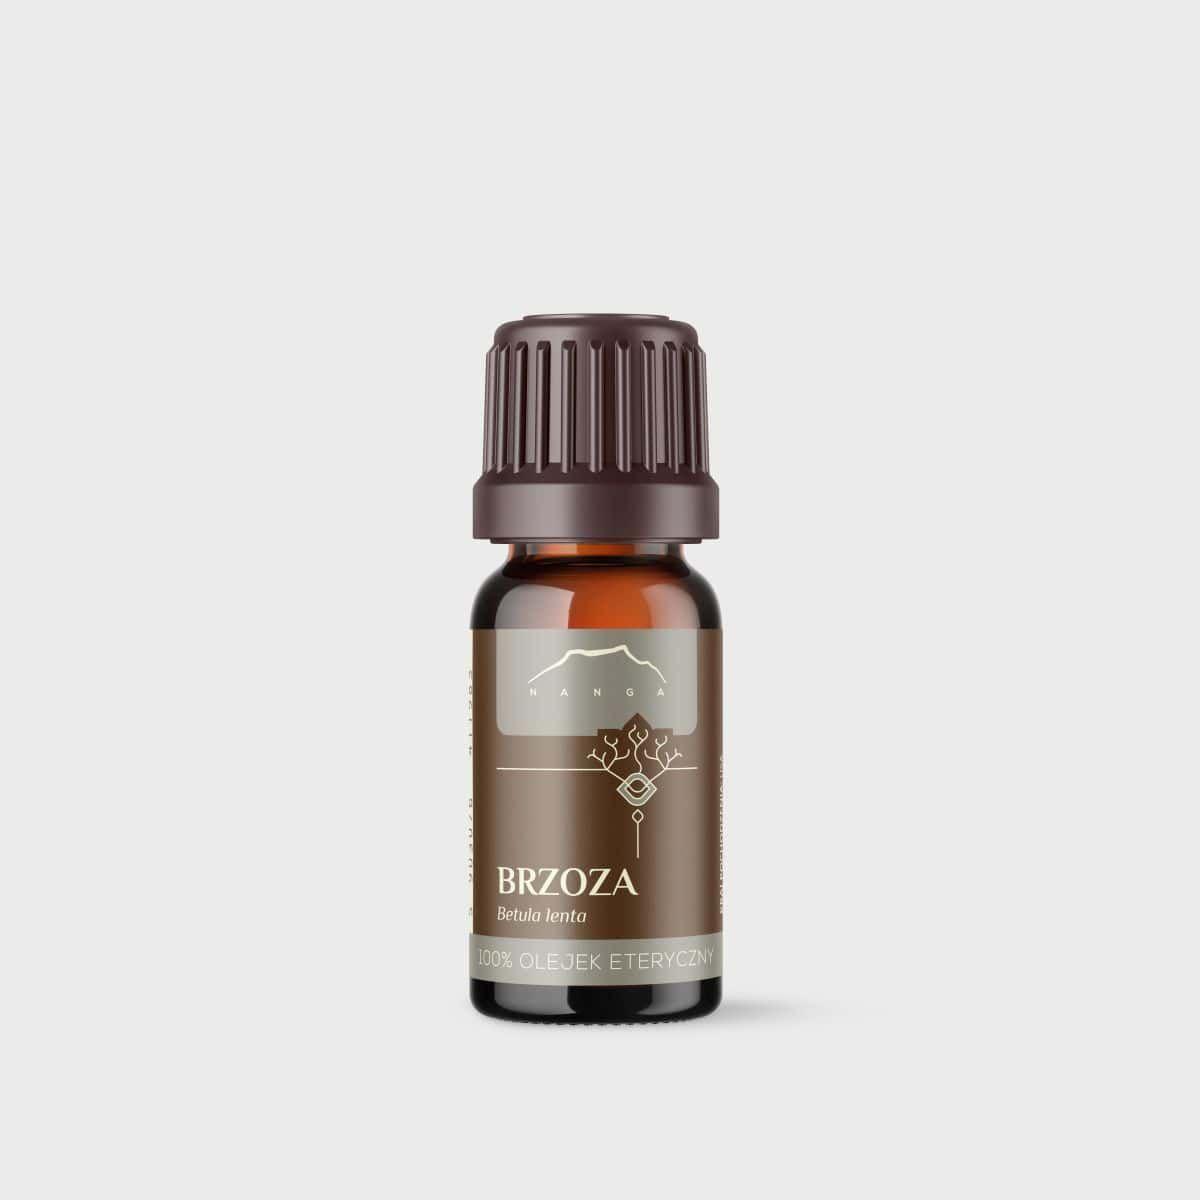 Olejek brzozowy (z kory brzozy cukrowej) 100% eteryczny Nanga